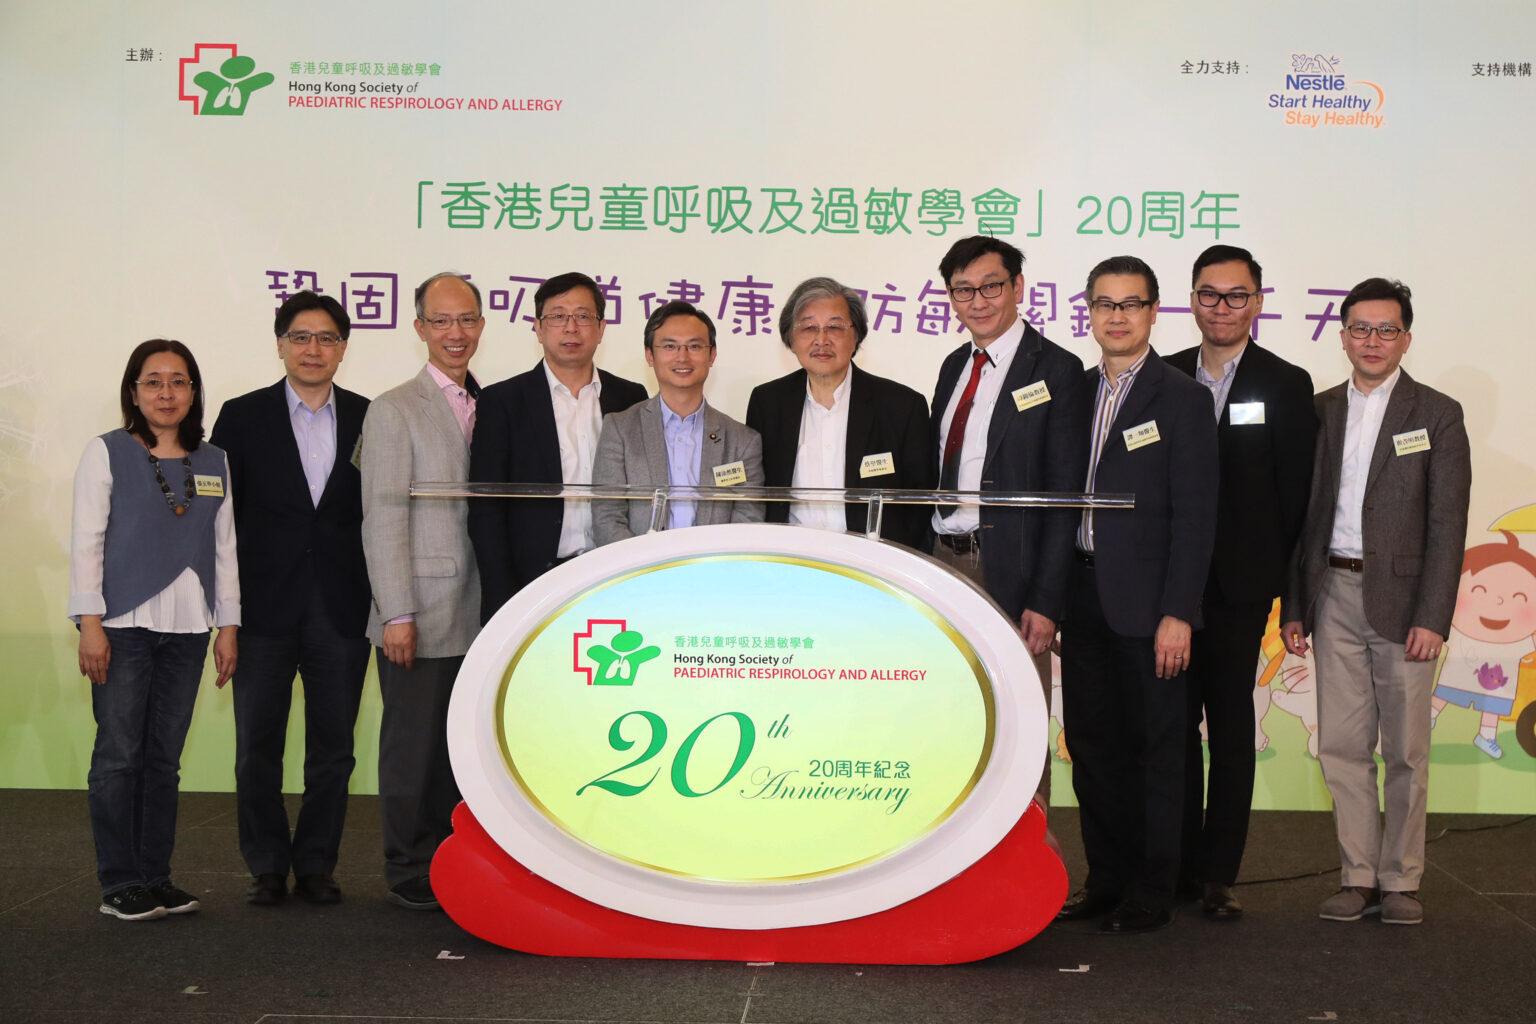 香港兒童呼吸及過敏學會慶祝學會成立二十周年,並響應「世界過敏週」,舉辦「鞏固呼吸道健康 防敏關鍵一千天」活動,向公眾傳遞兒童呼吸道健康及預防敏感的重要訊息。